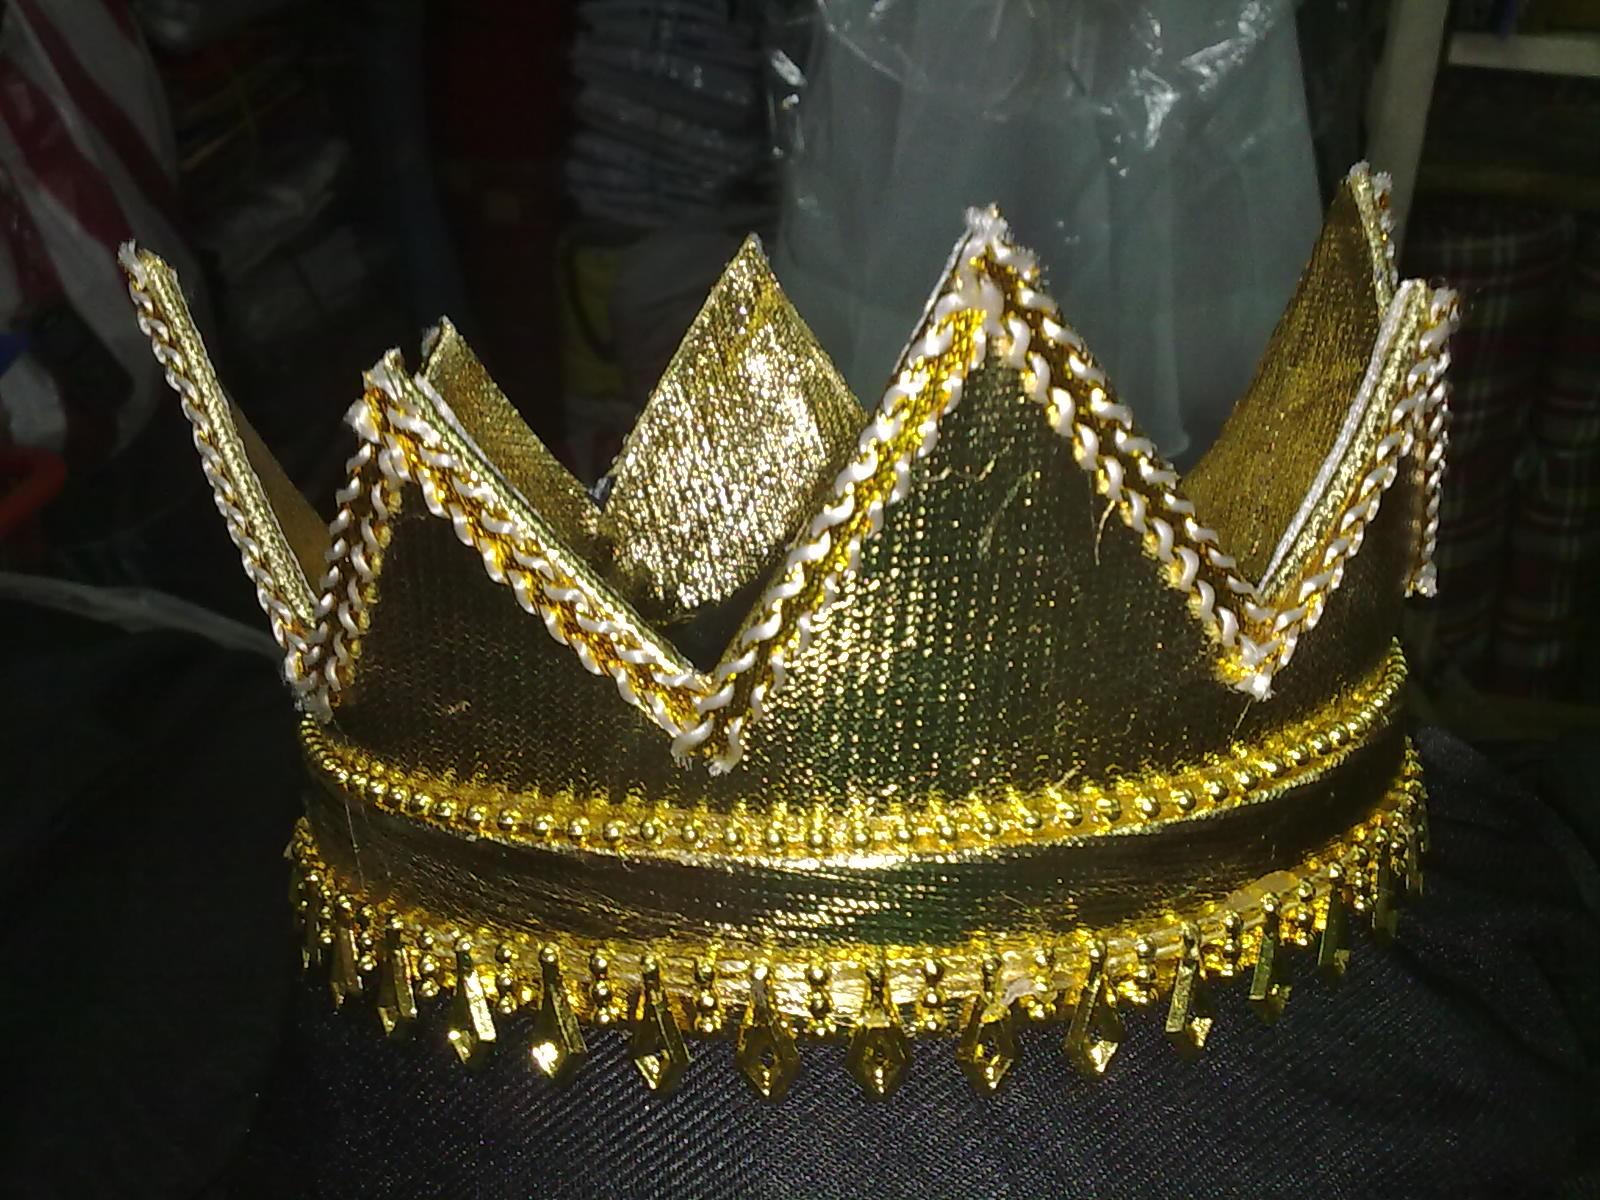 дистанционного корона царя фото своими руками причина это